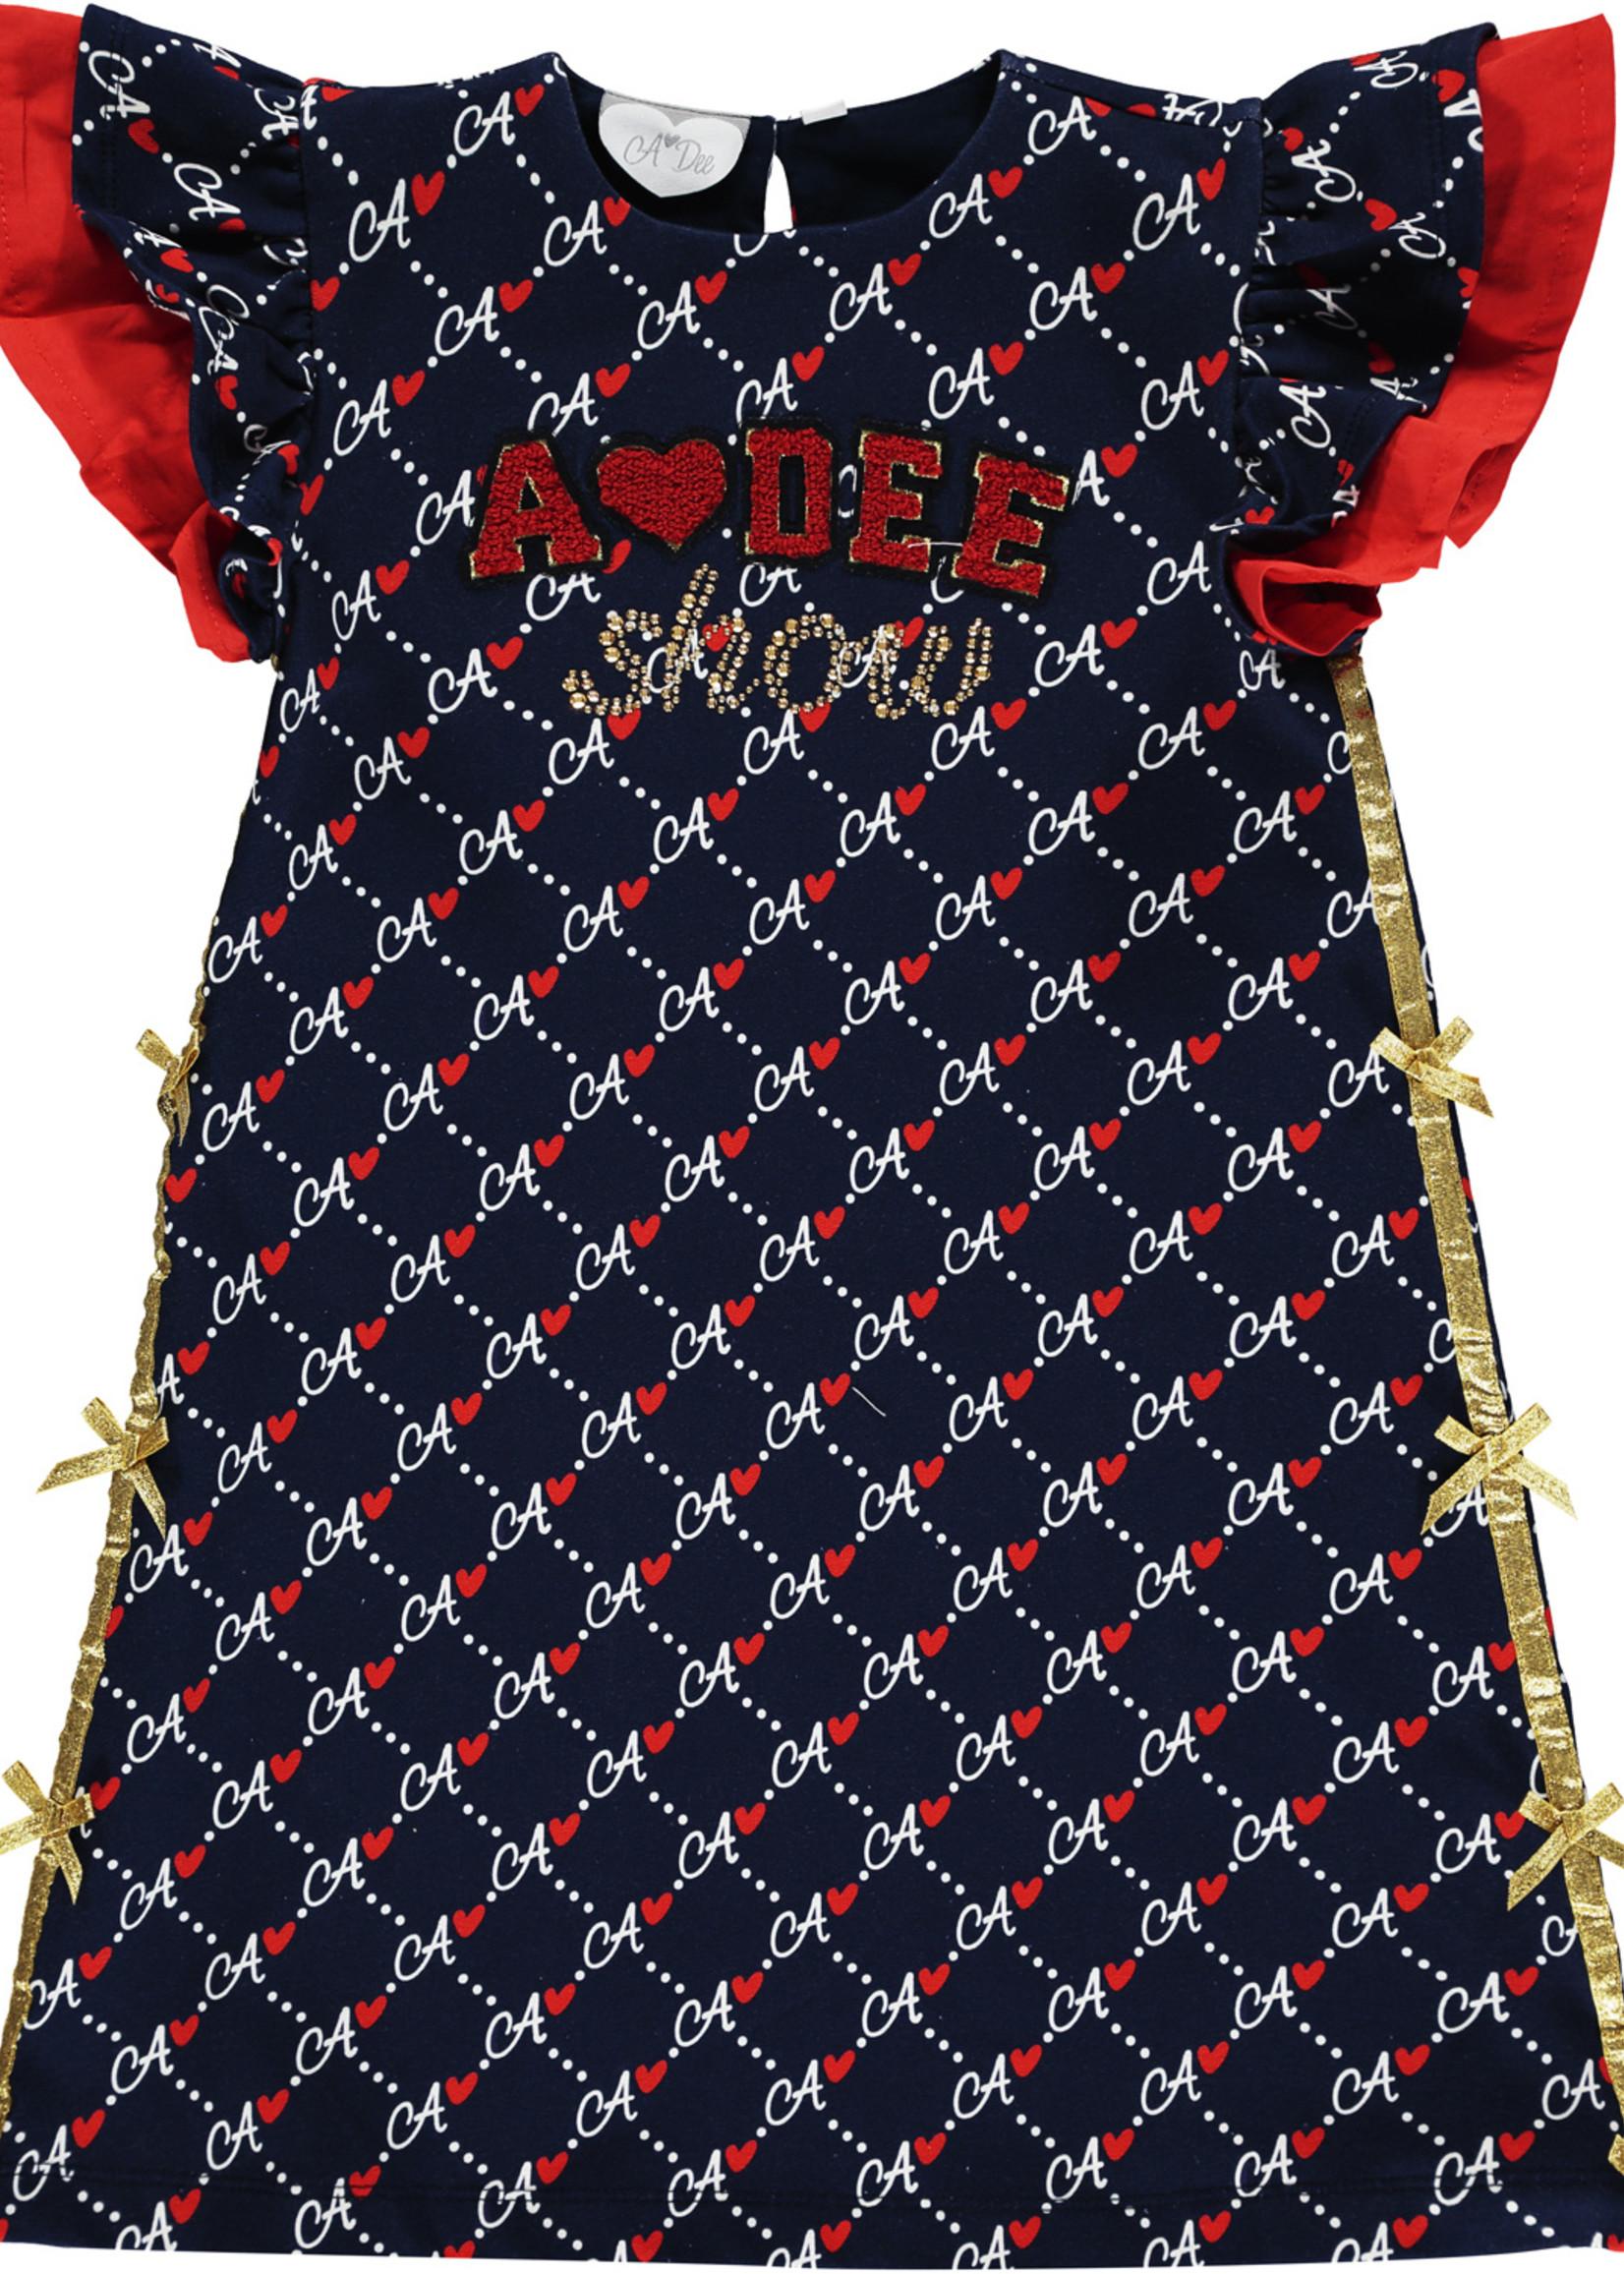 A Dee Meena diamond print dress